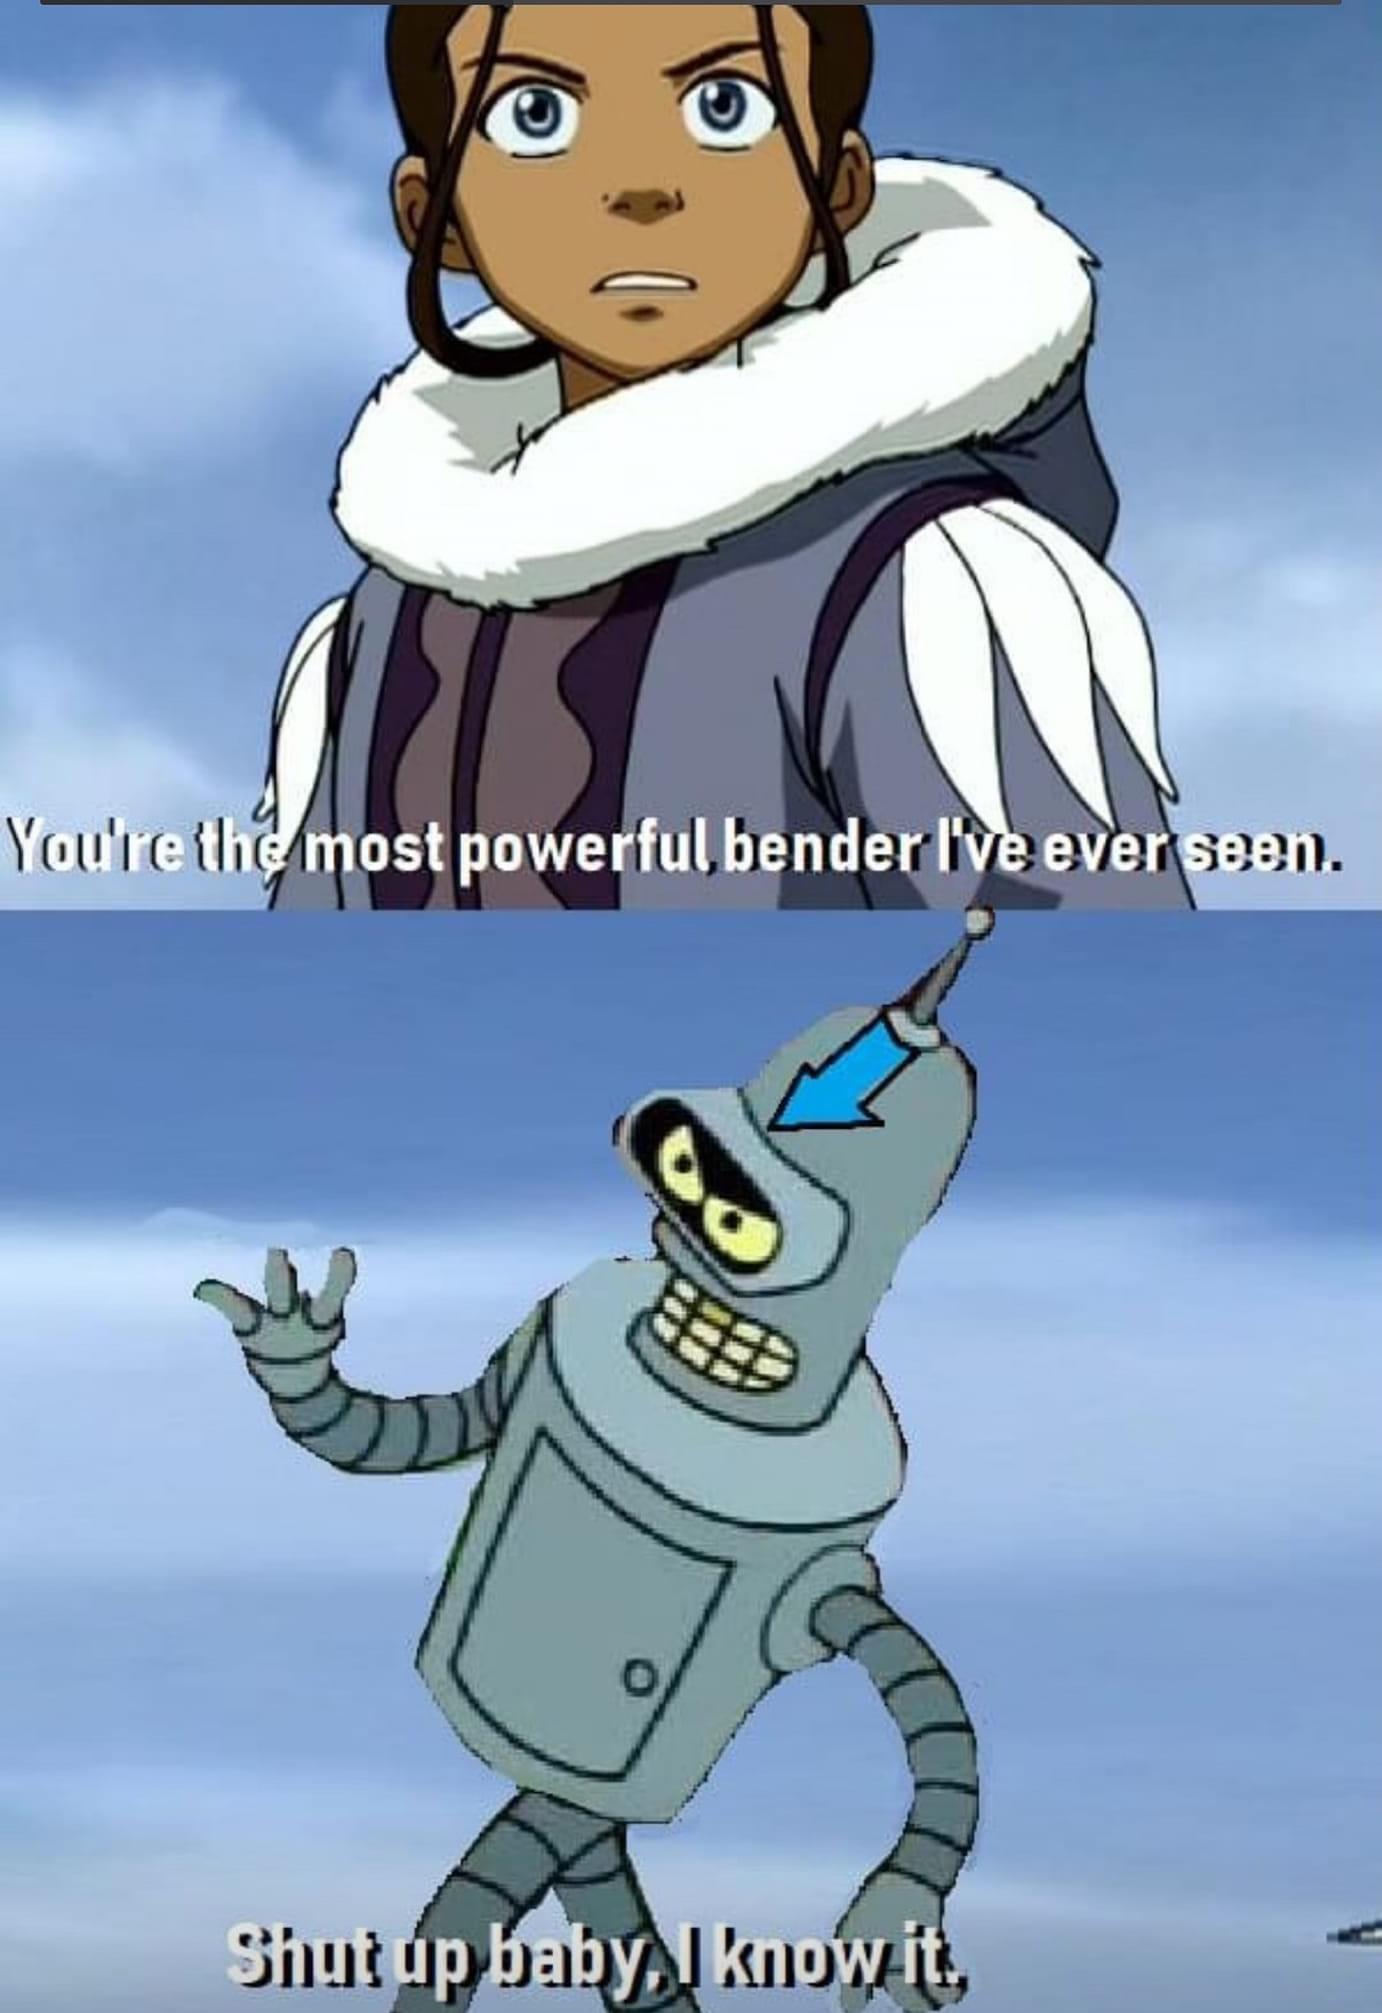 Bender is the GOAT - meme